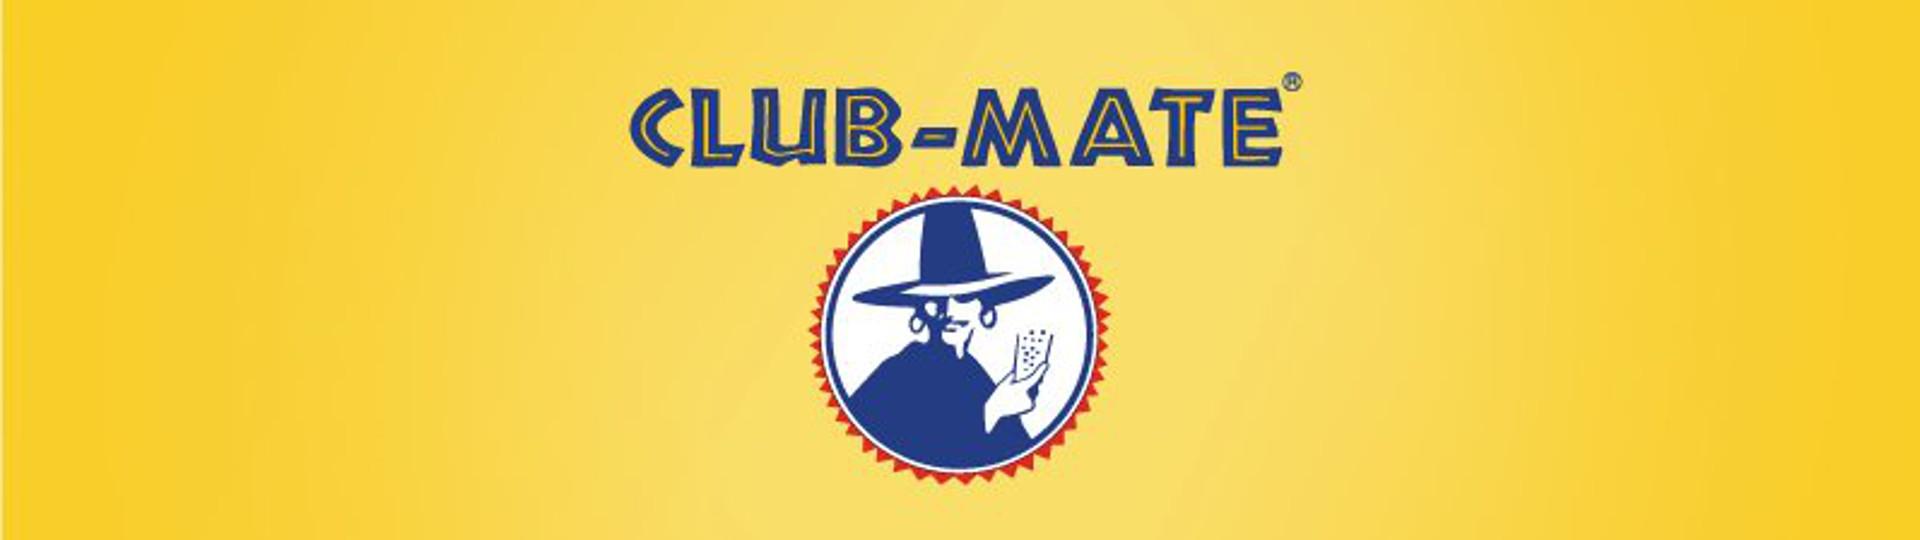 Club-Mate 50 EG